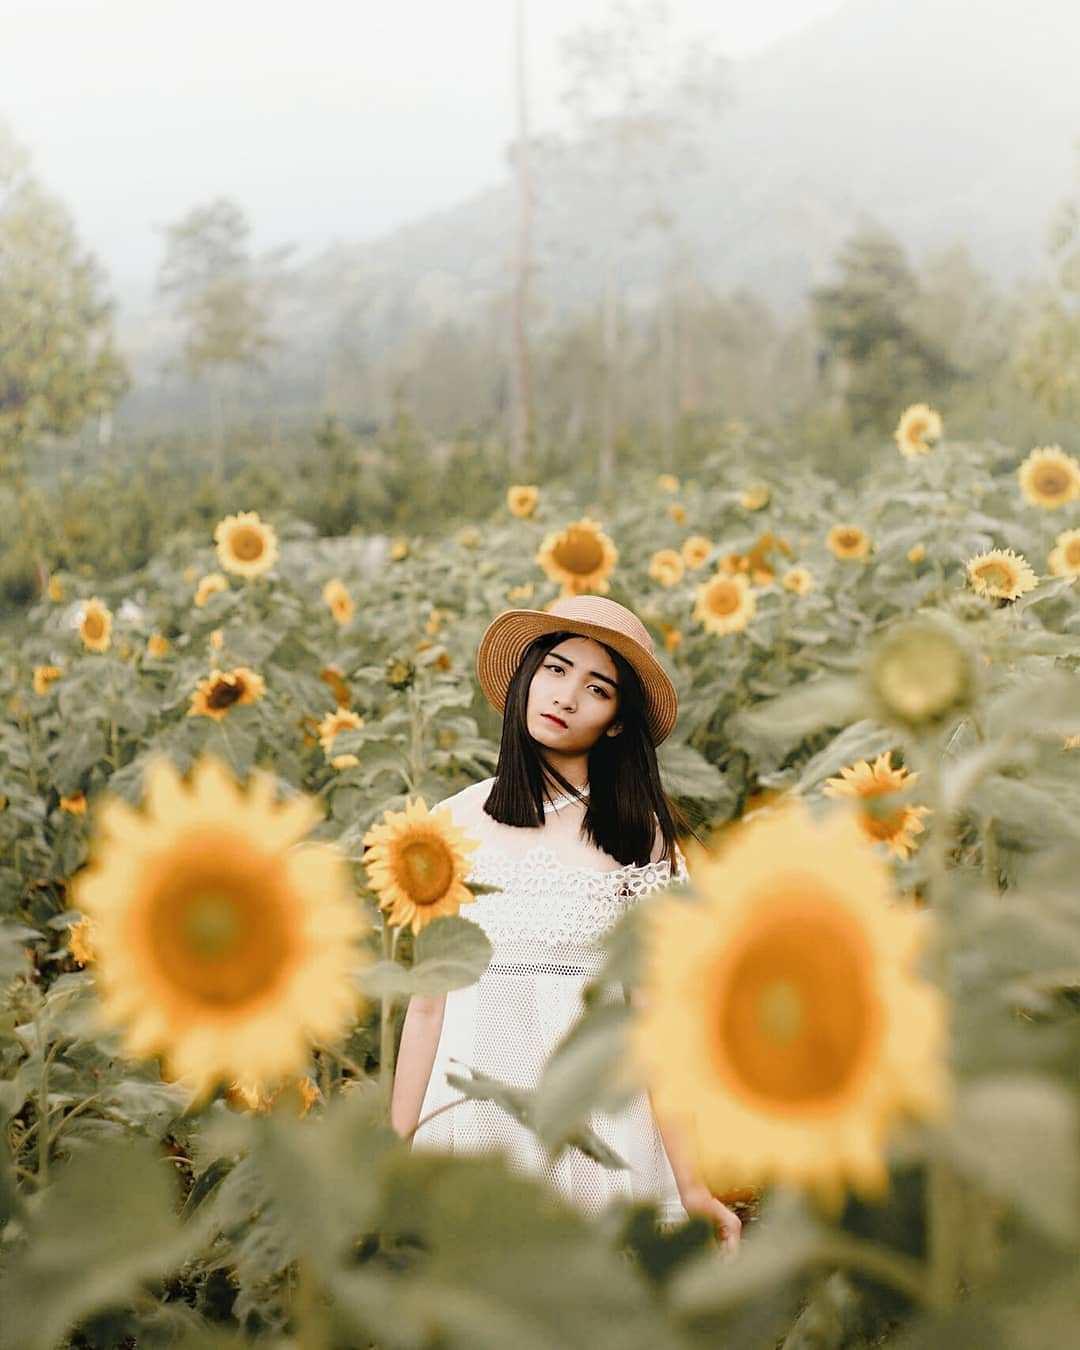 Nggak Perlu Ke Luar Negeri Untuk Foto Bareng Bunga Bunga